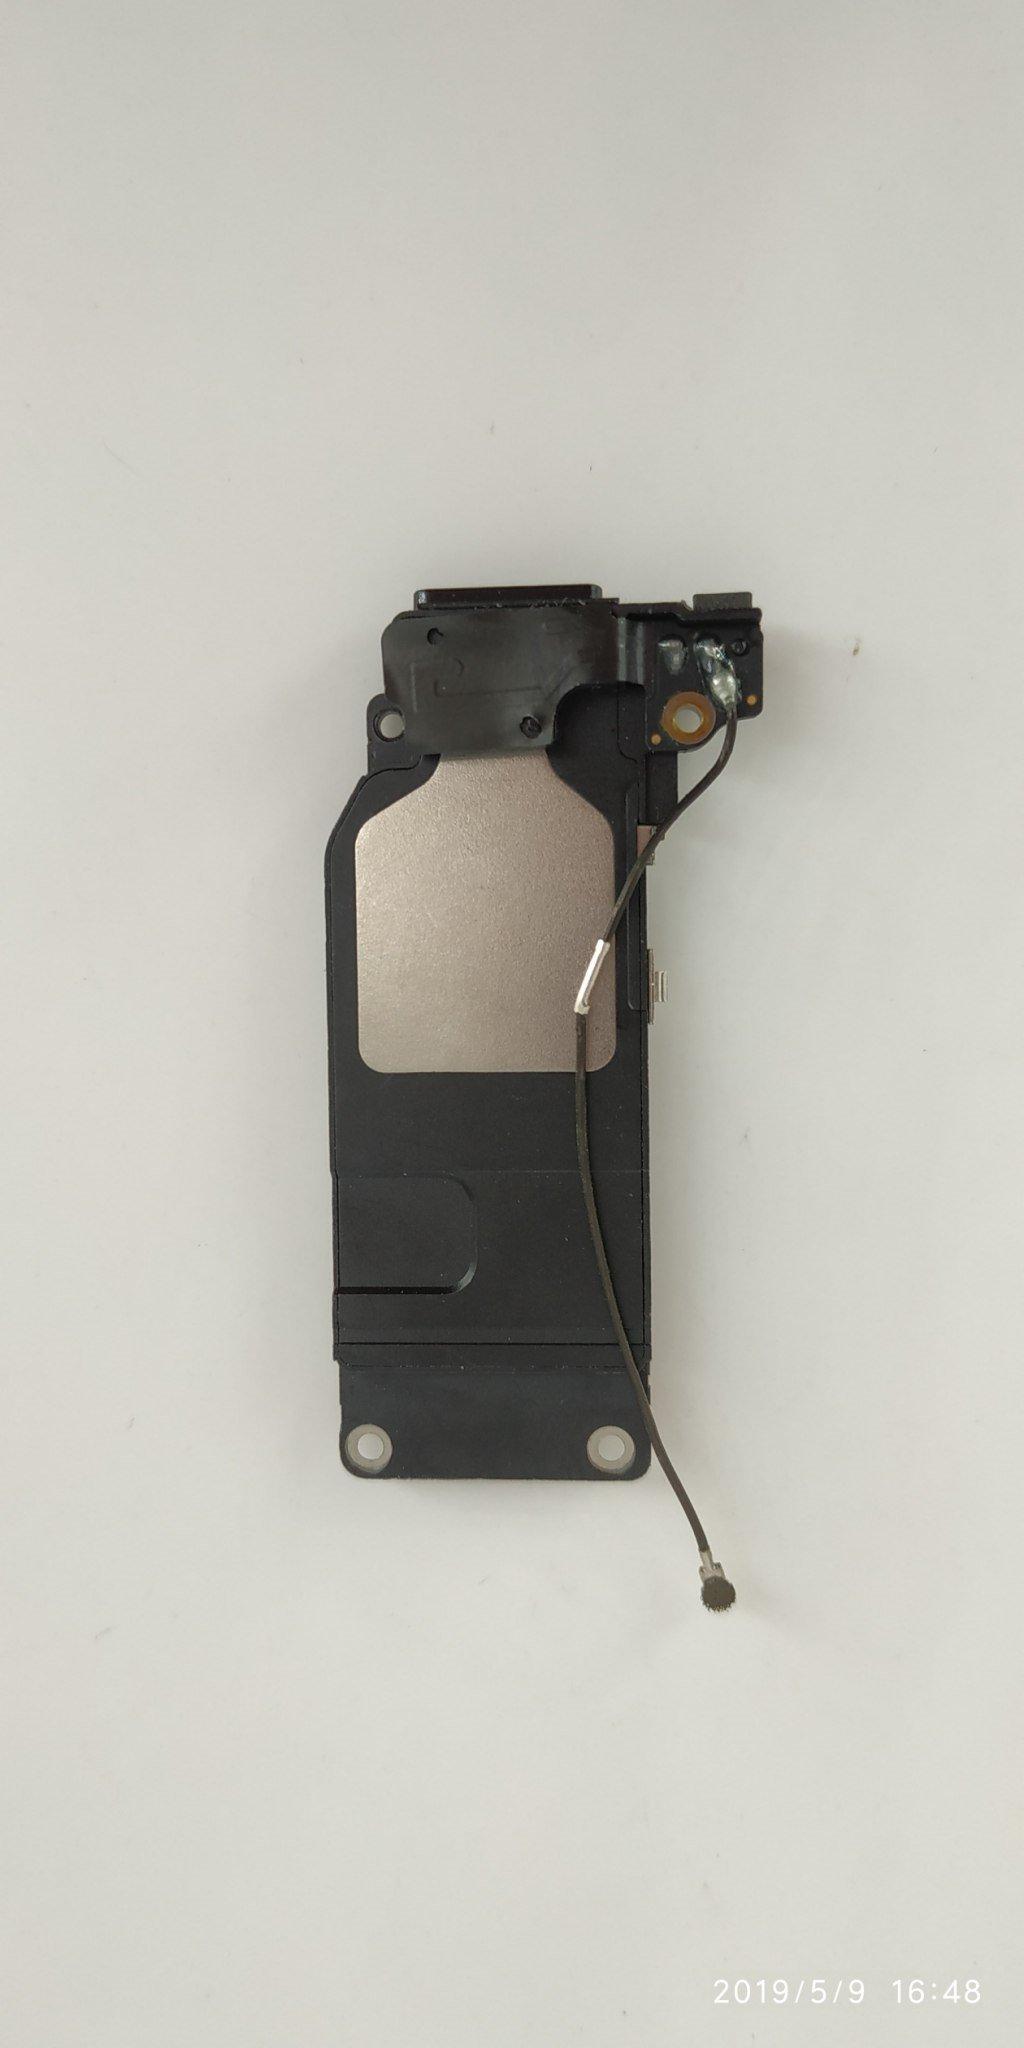 【保固一年】Apple iPhone 7P i7P PLUS 喇叭 擴音 底座喇叭 內置喇叭 揚聲器 無聲音 破音原廠規格 媲美原廠品質